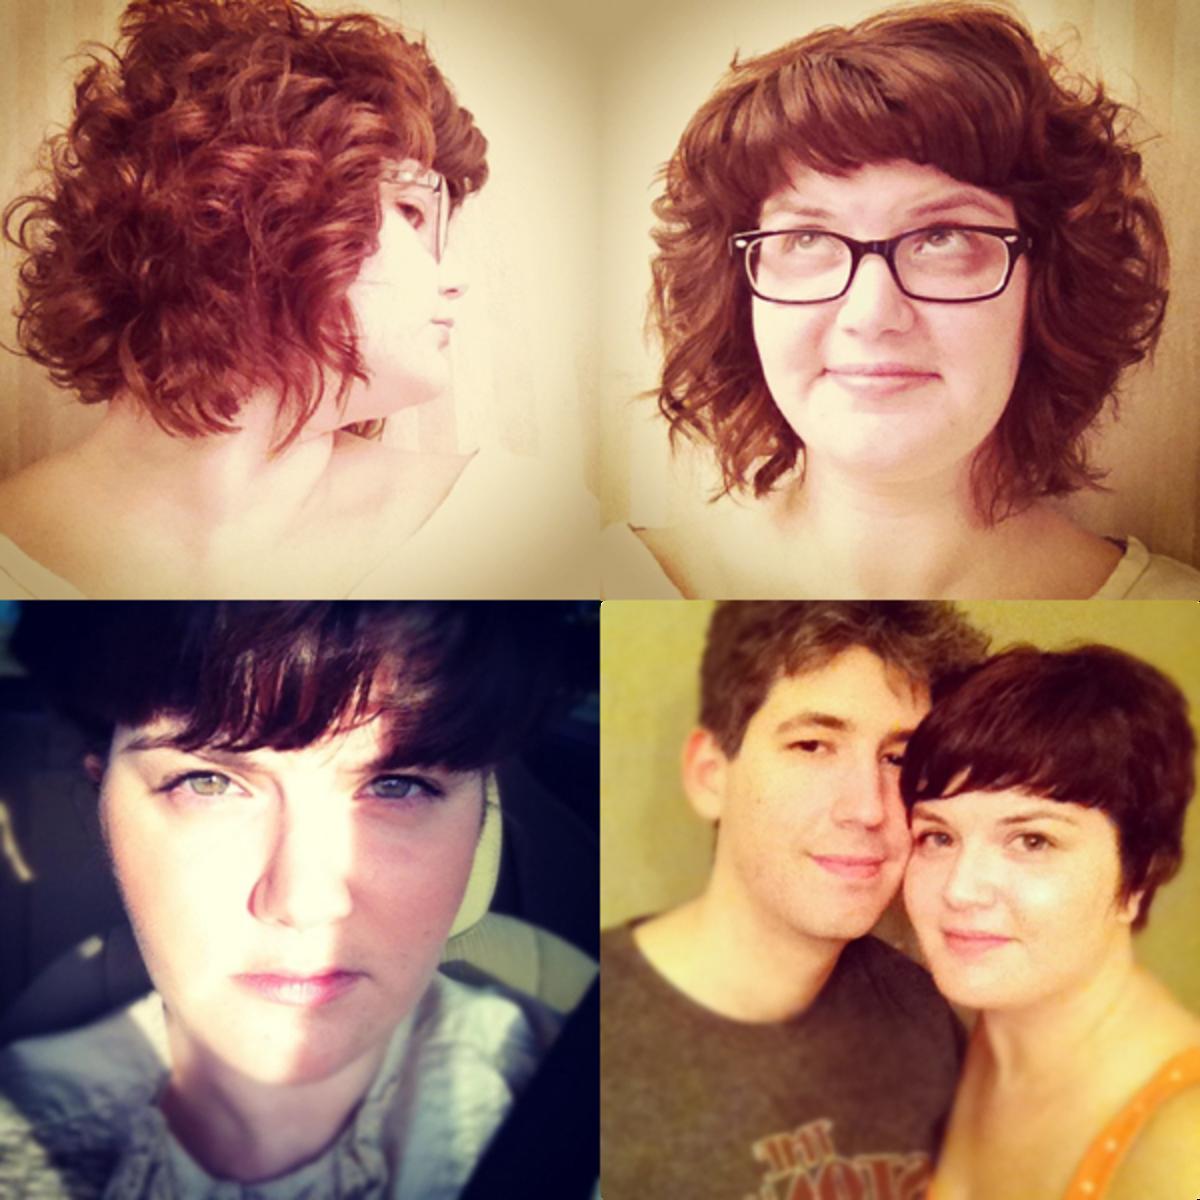 April 2012 (top) May 2012 (bottom)